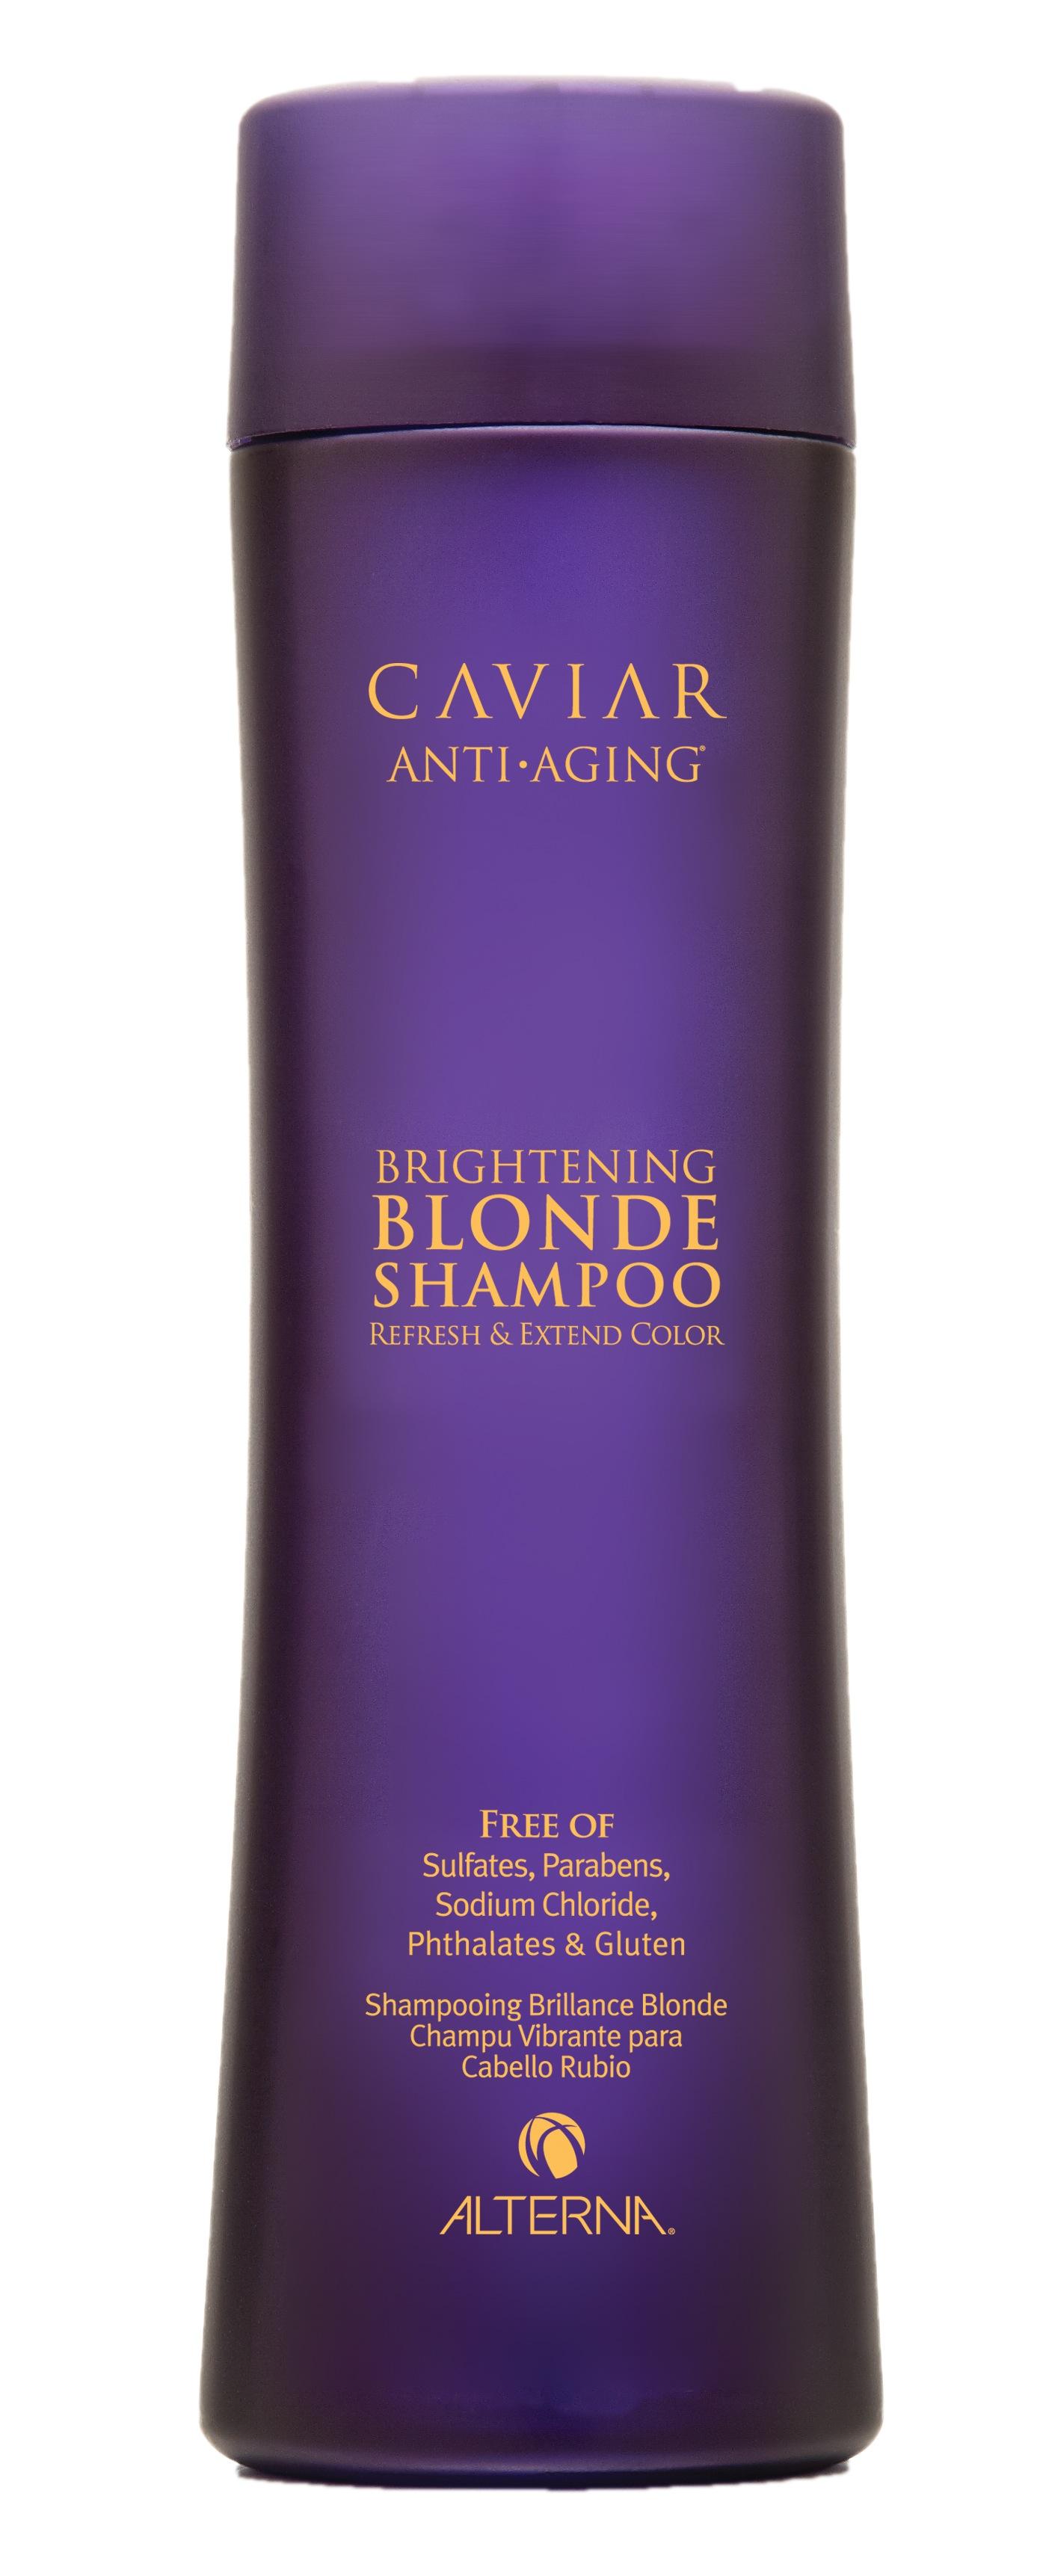 ALTERNA Шампунь с морским шелком для светлых волос / CAVIAR BLONDE 250 мл alterna лак для волос подвижной фиксации caviar anti aging working hair spray 250ml